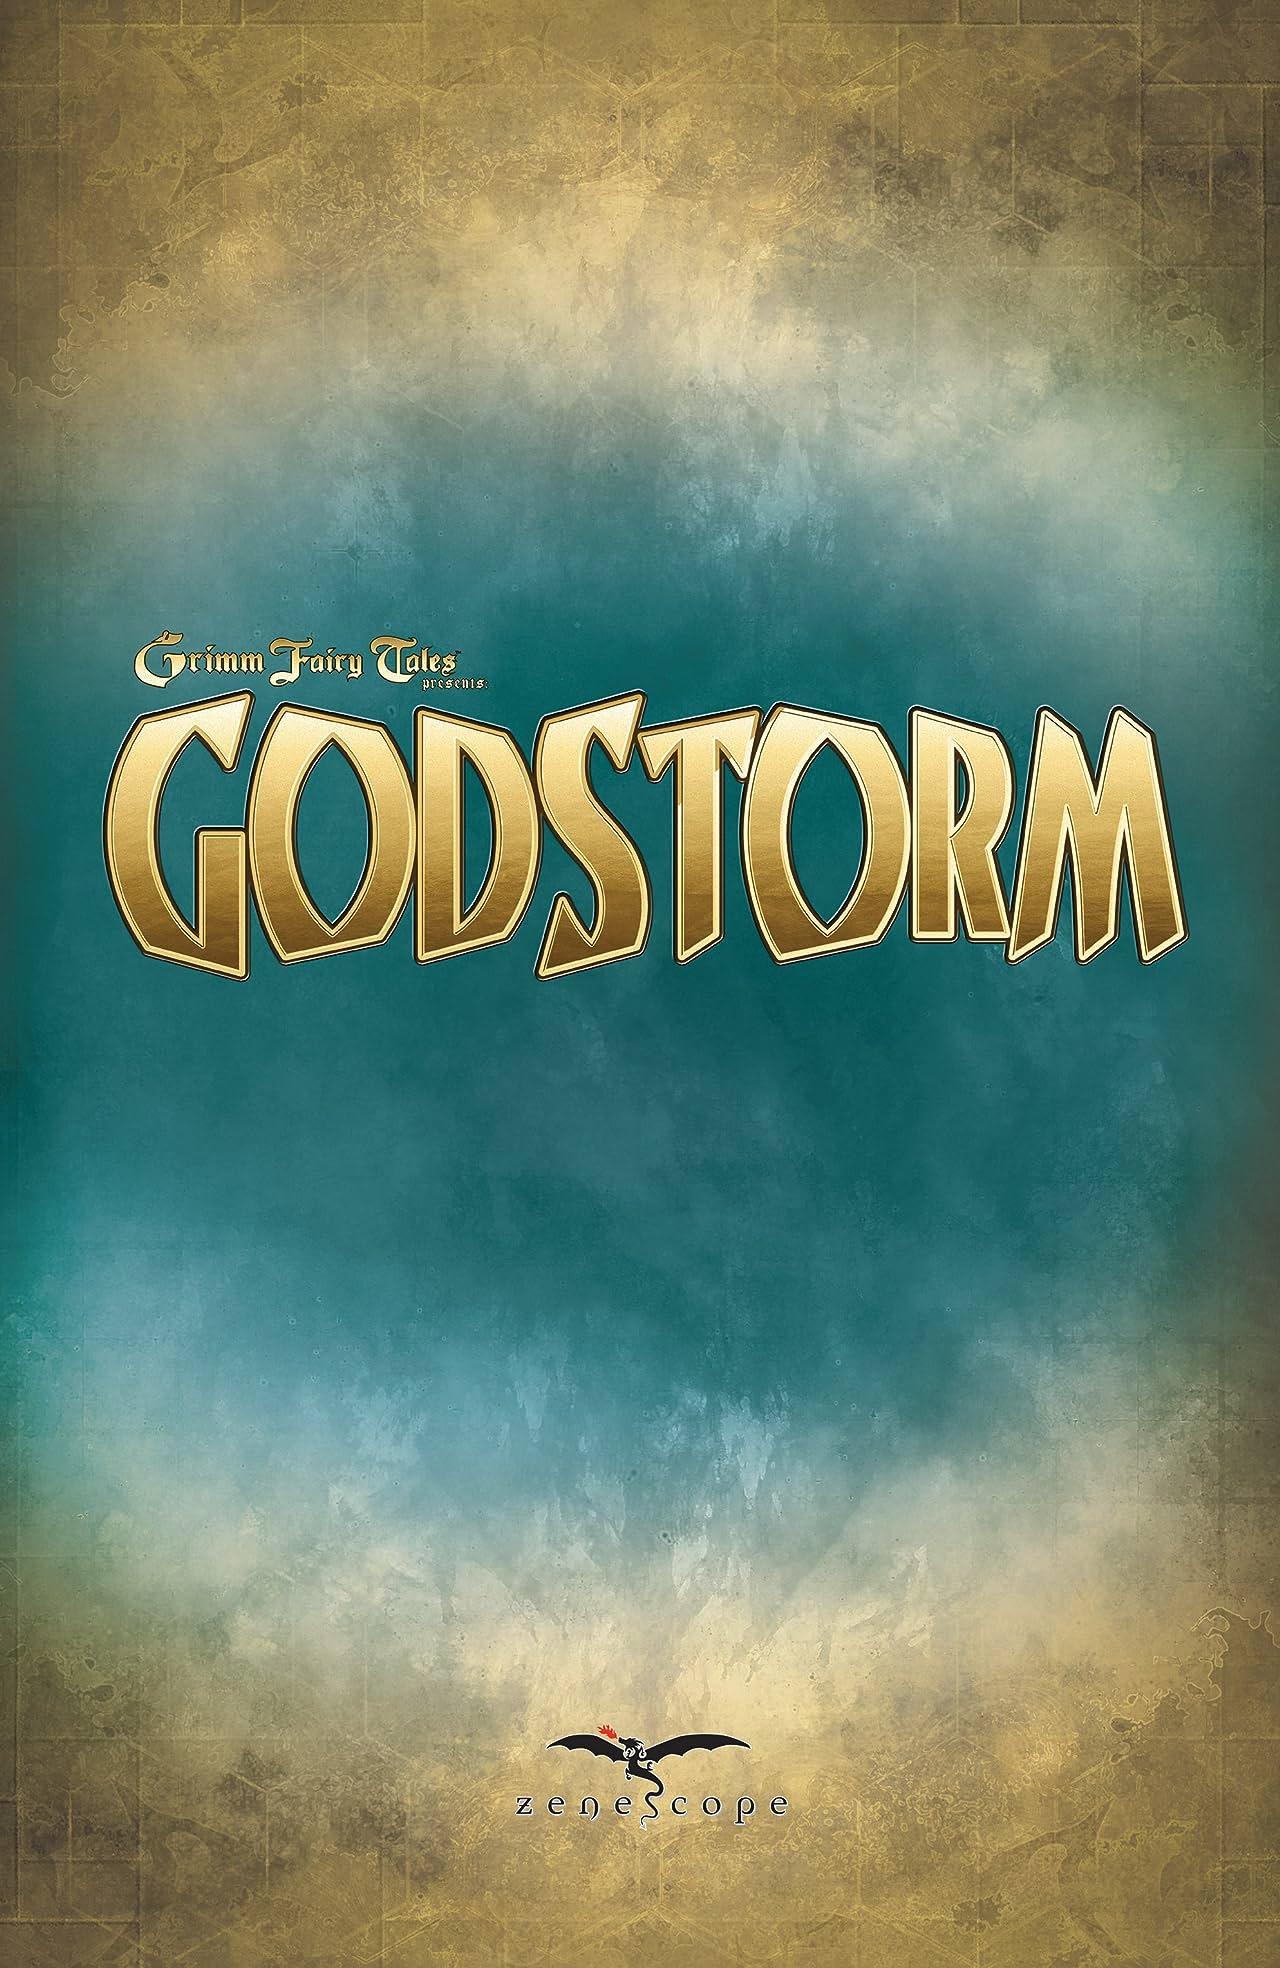 Godstorm